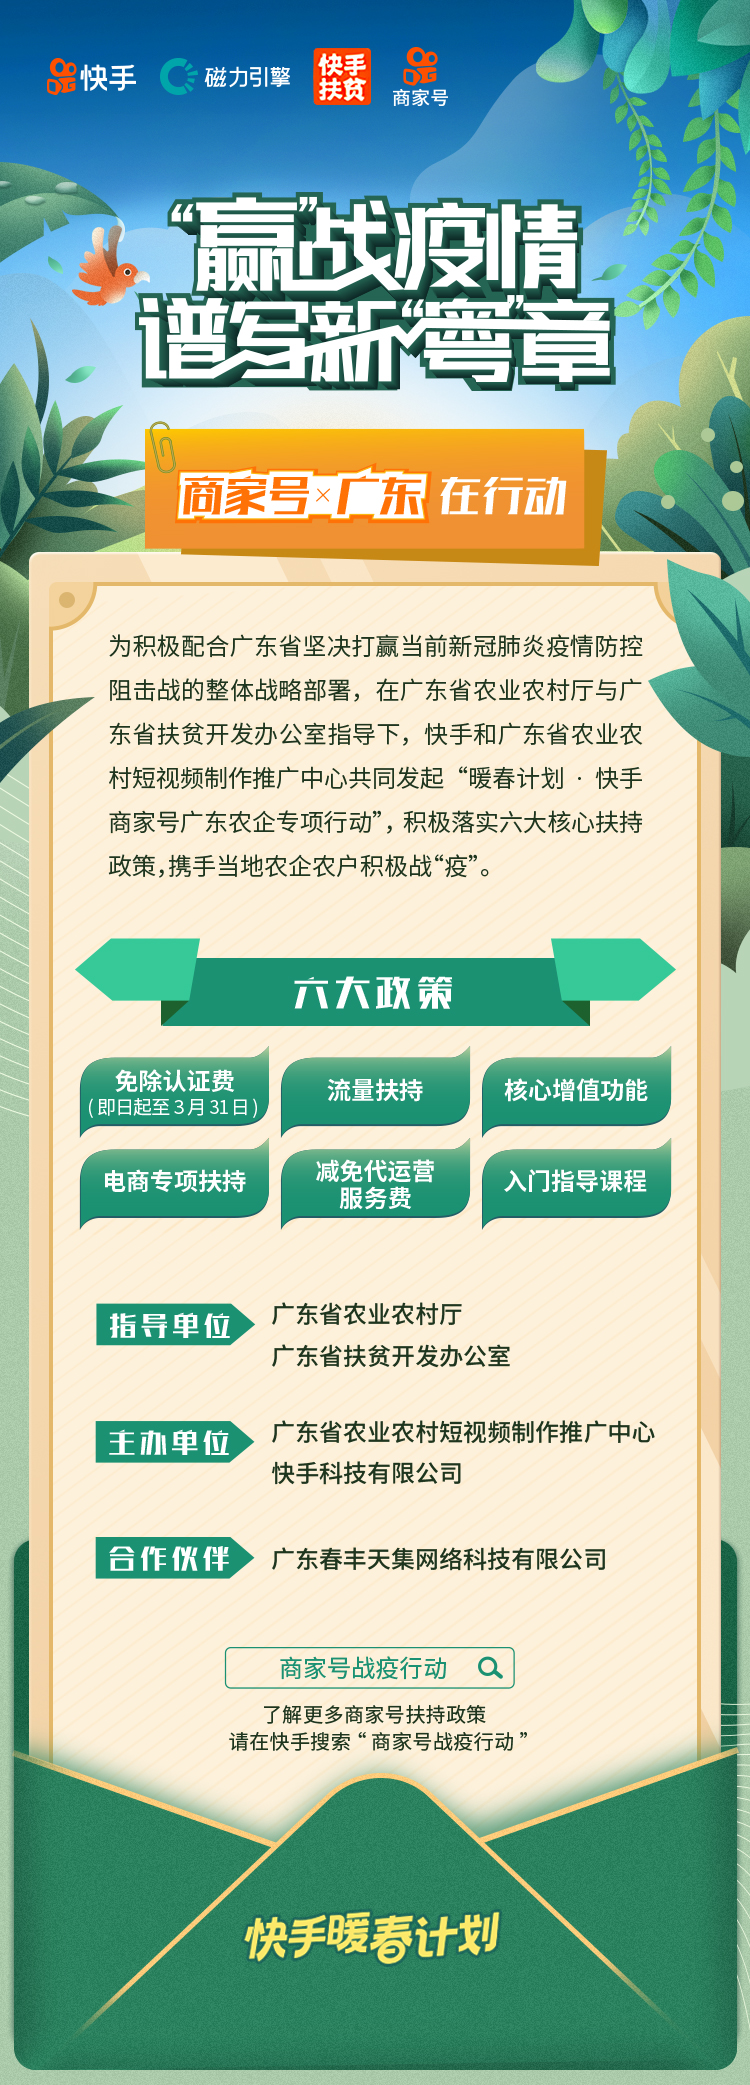 """快手商家号""""暖春计划""""广东助农扶贫"""